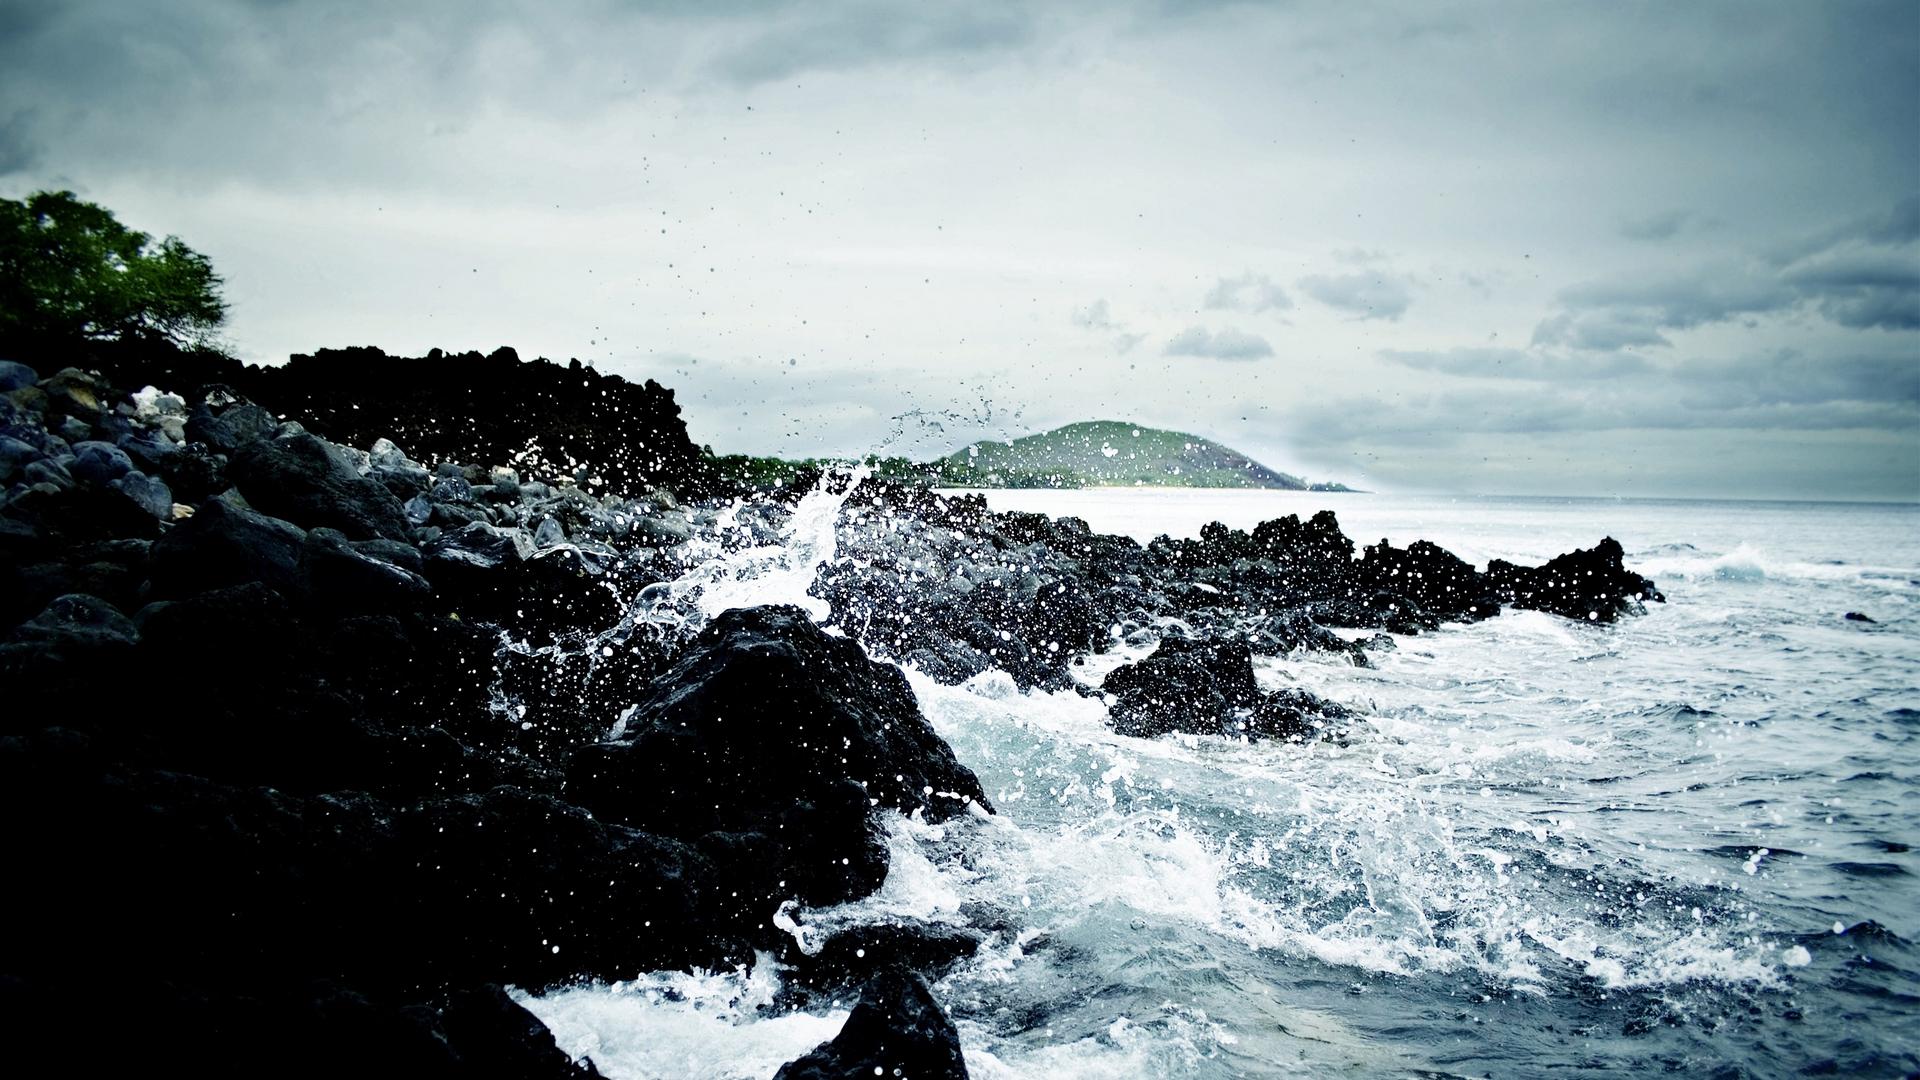 ... Waves Crashing Desktop Wallpapers-3 ...